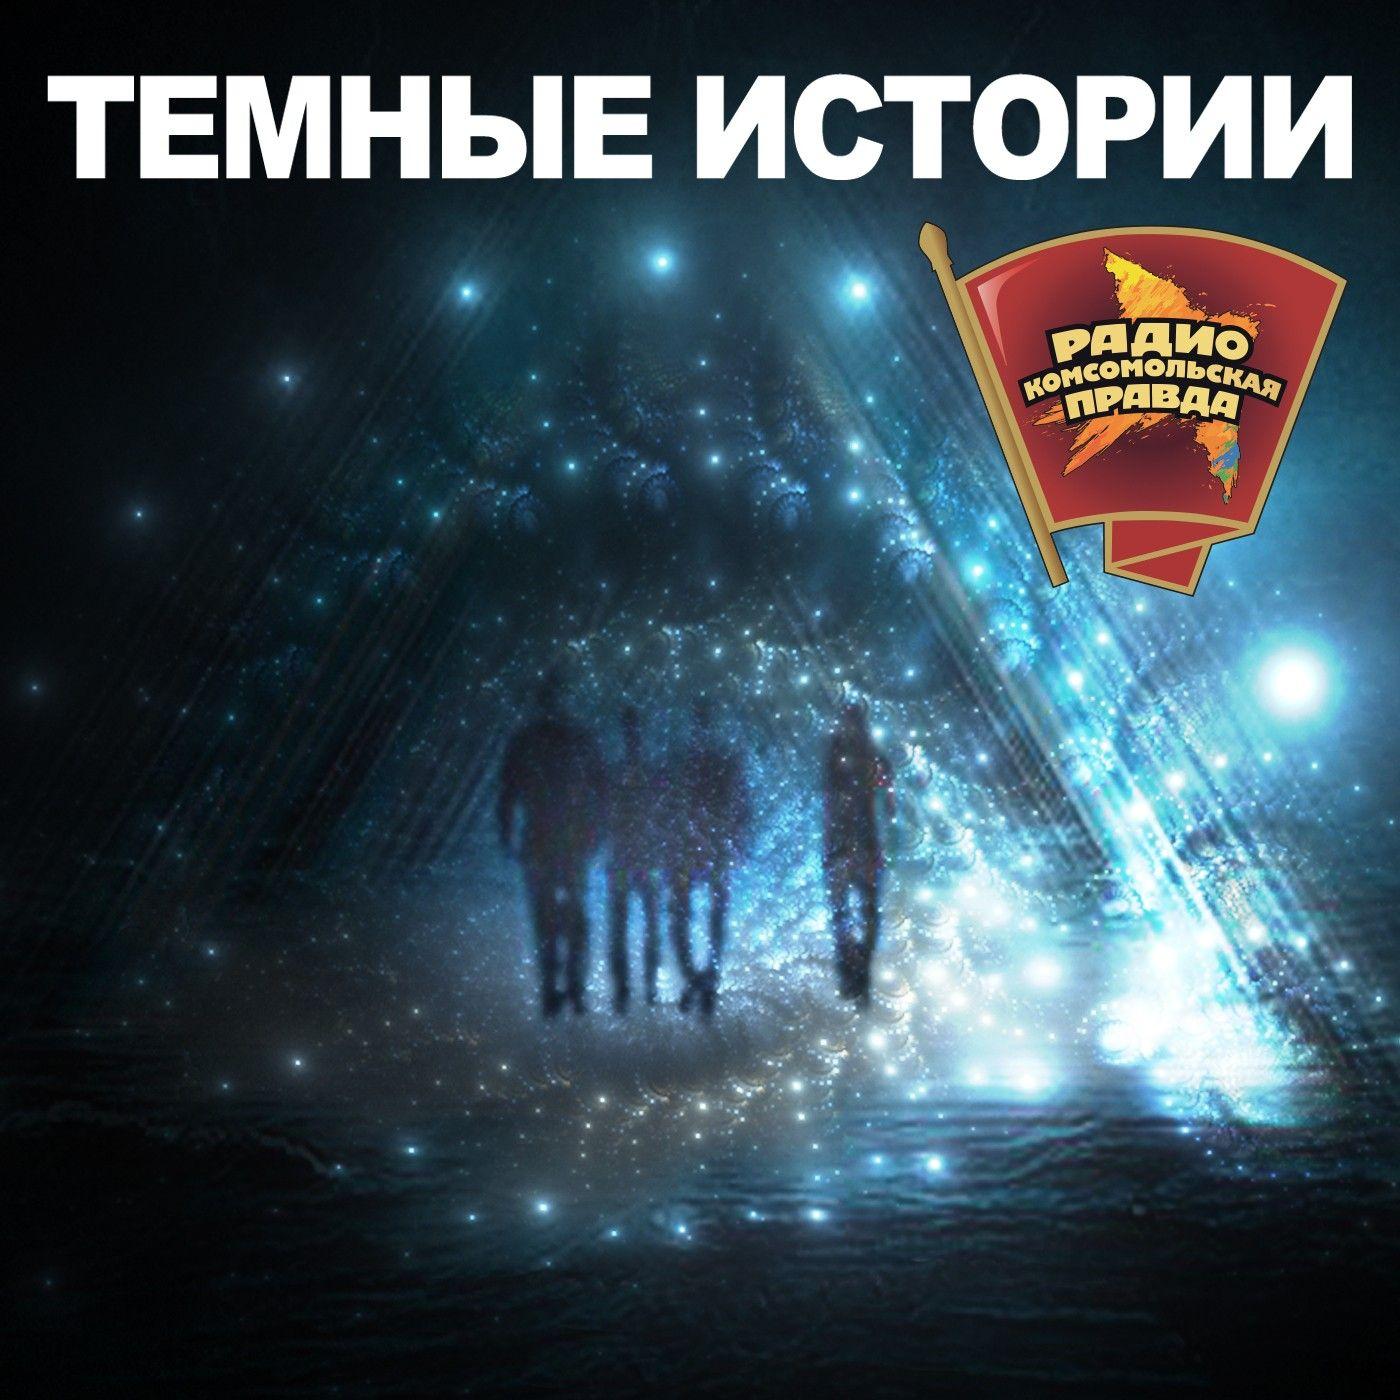 Радио «Комсомольская правда» Случайности - это мистика или закономерность? хельга миренгейльм шпионка поневоле